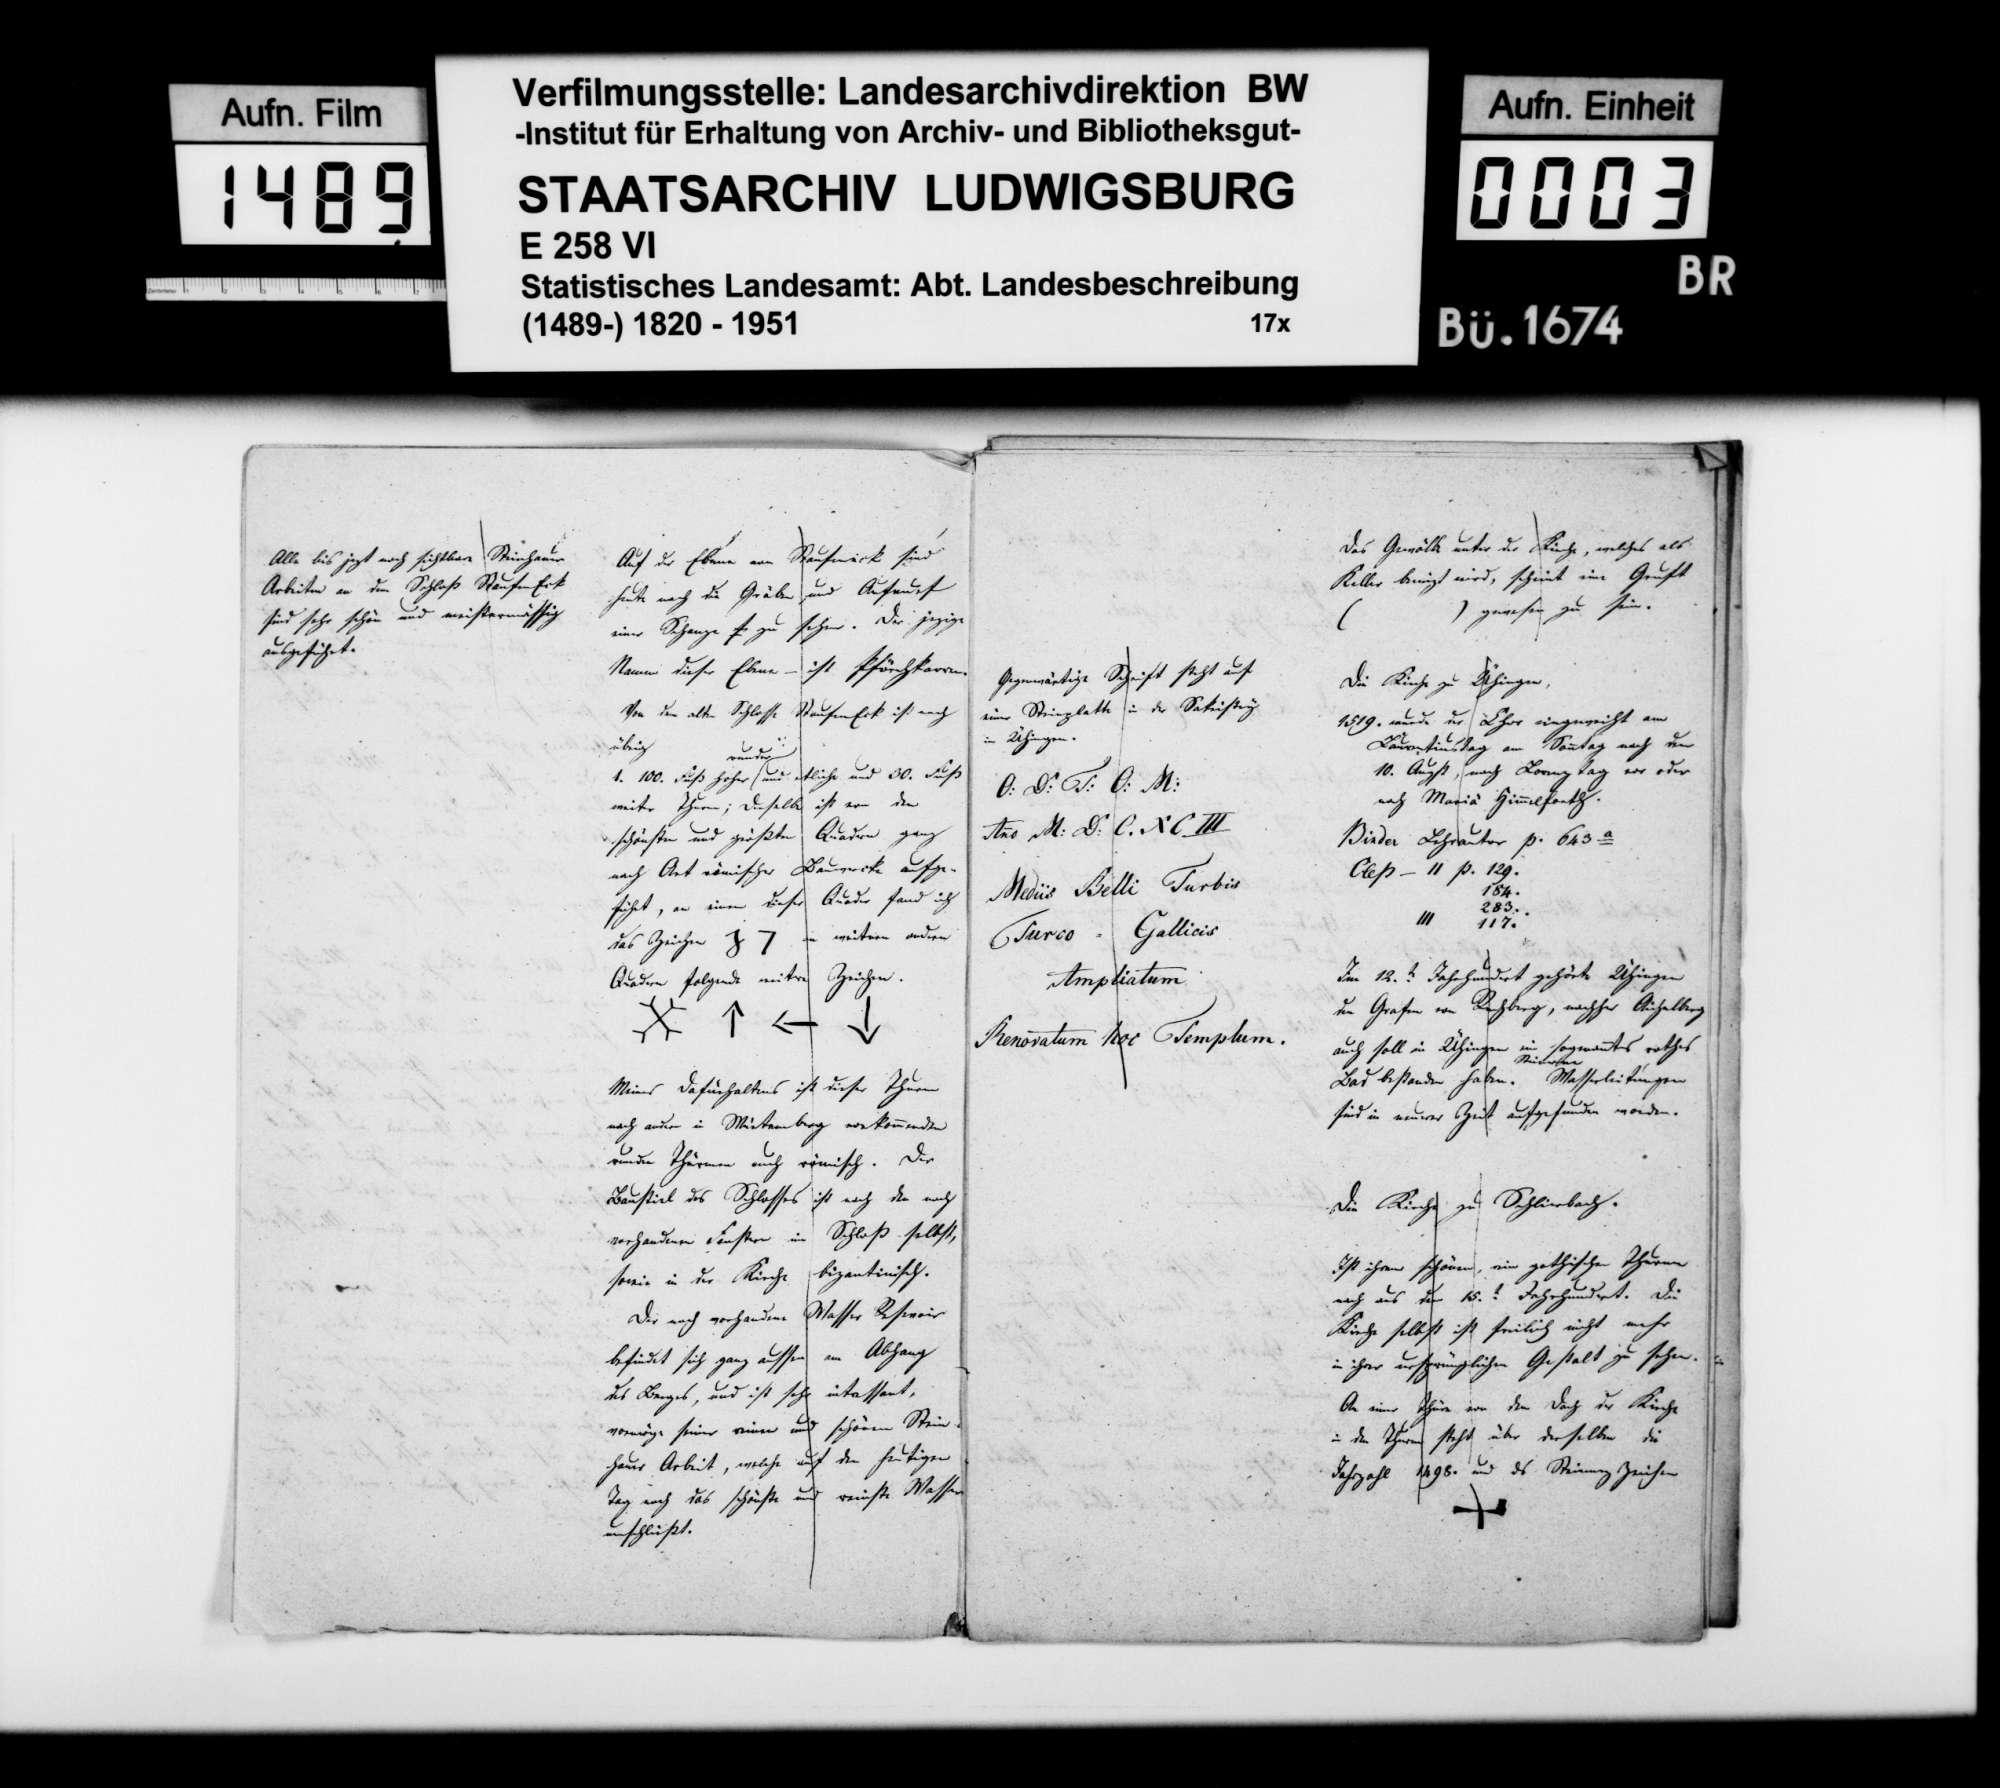 Mitteilungen [des Oberamtmanns Kausler] und Übermittlung weiterer Berichte zu Kirchen, Burgruinen, Volkssagen u.dgl., Bild 2